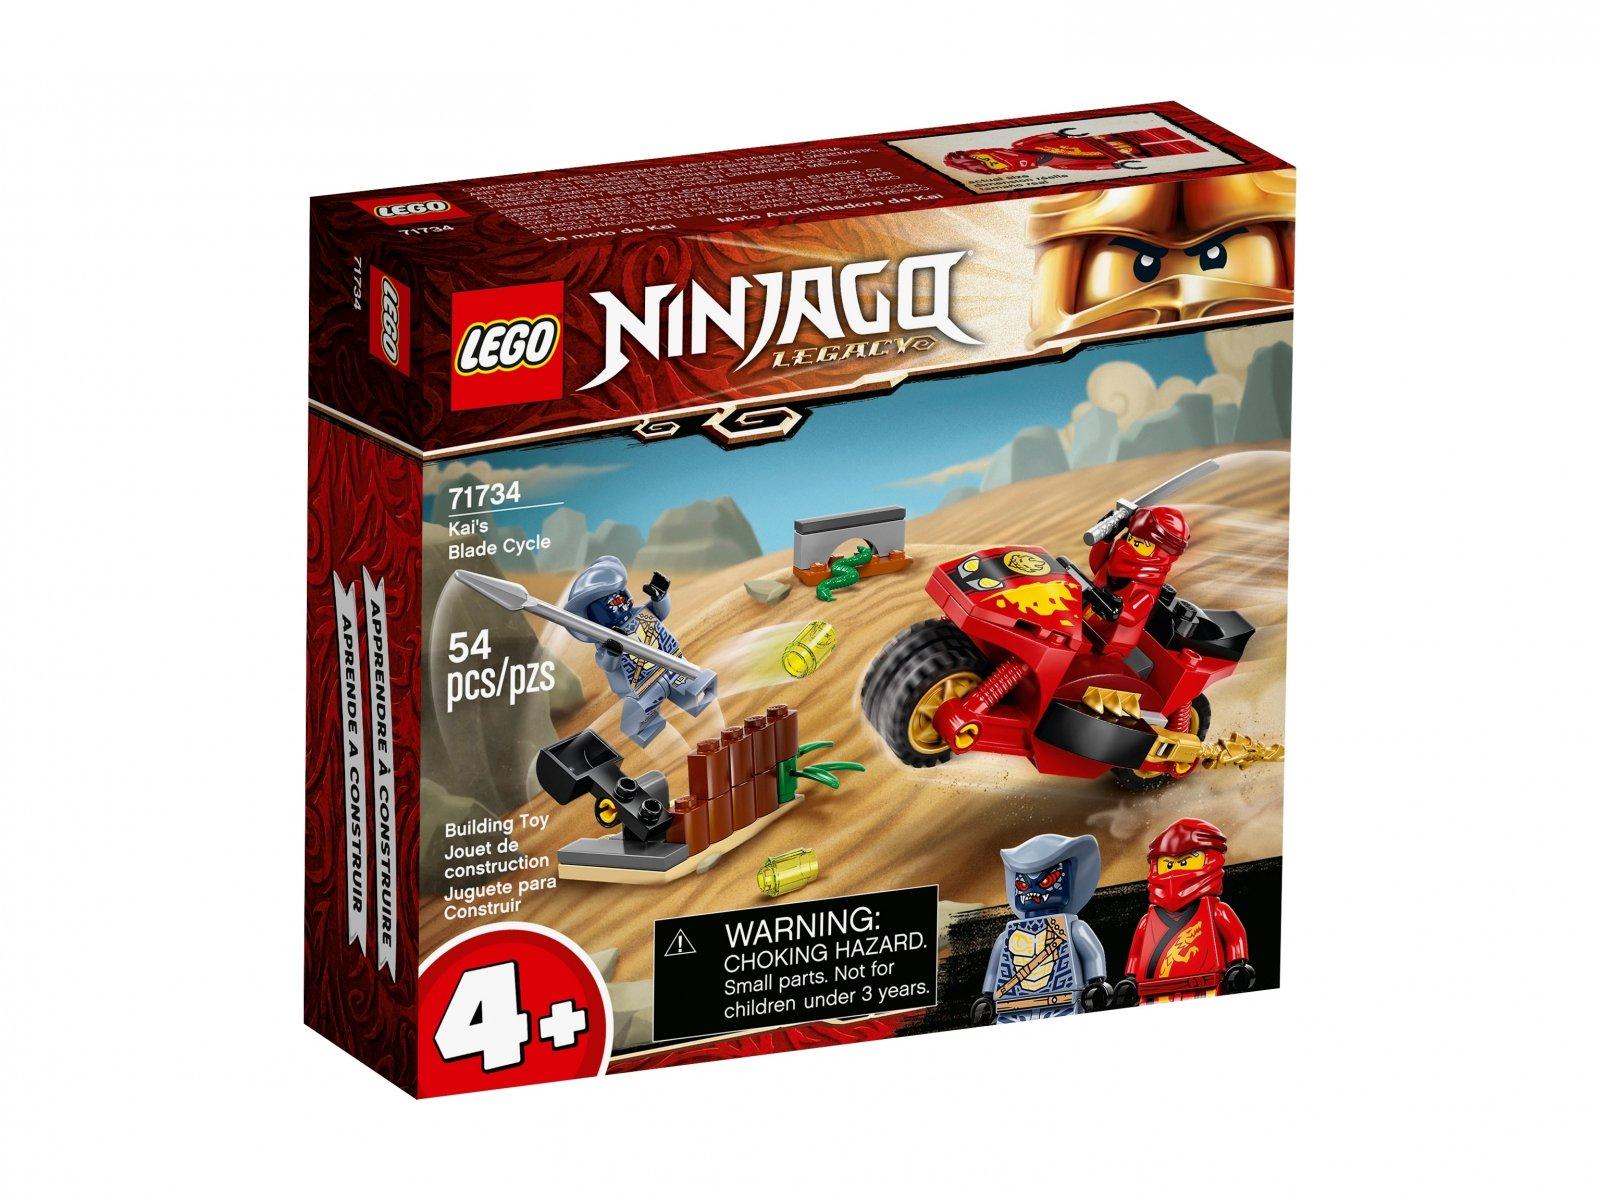 LEGO 71734 Ninjago Motocykl Kaia